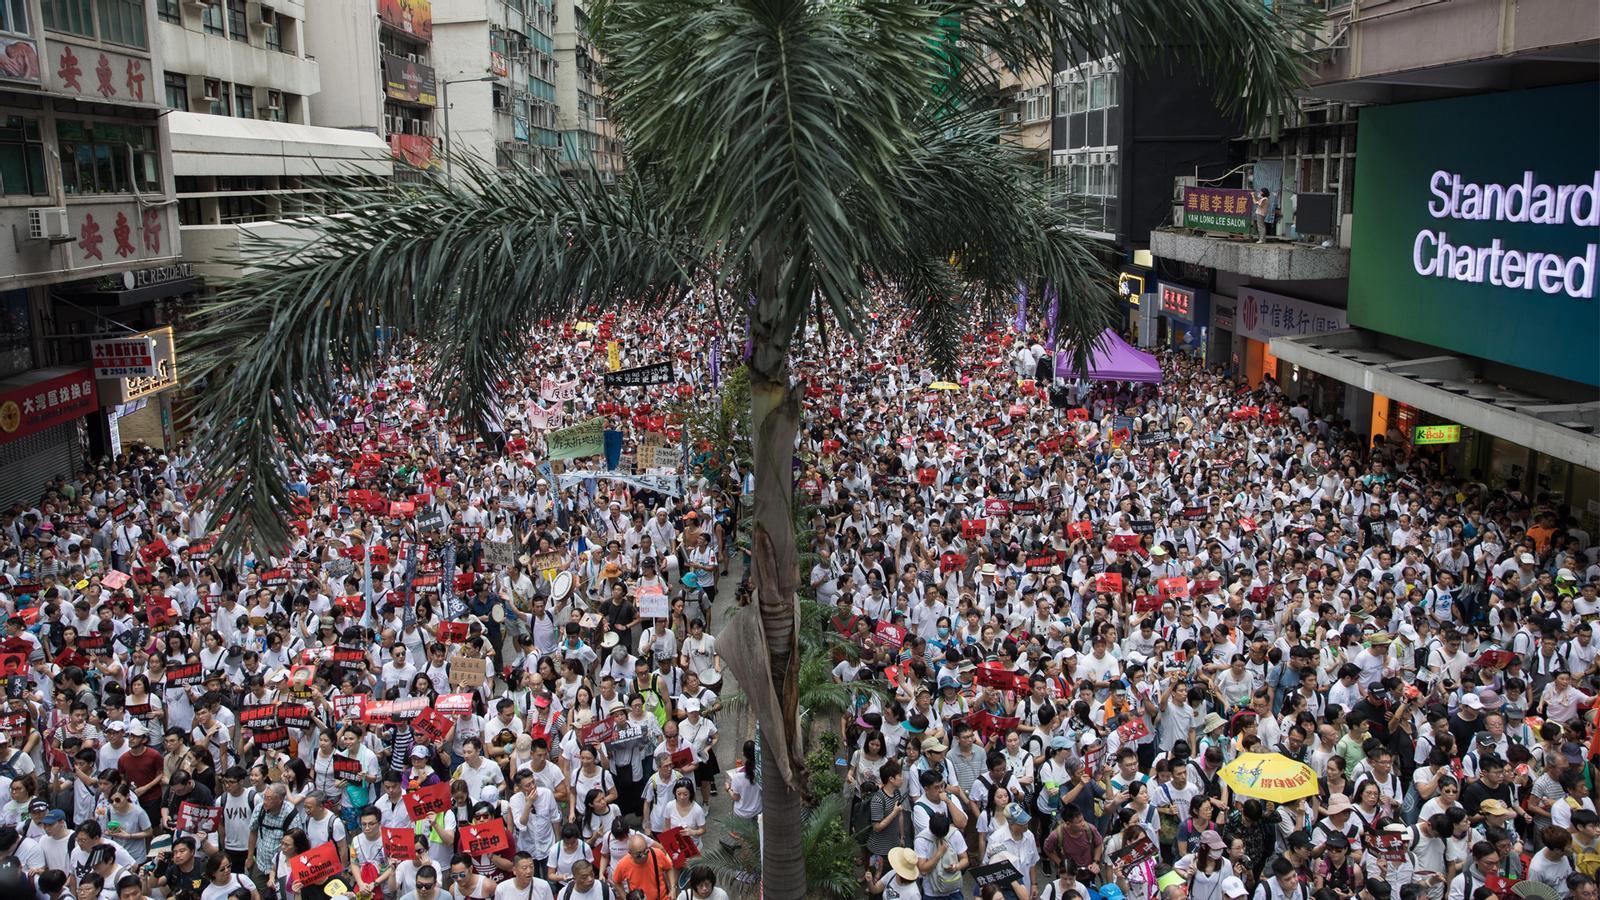 L'anàlisi d'Antoni Bassas: 'El milió de Hong Kong'